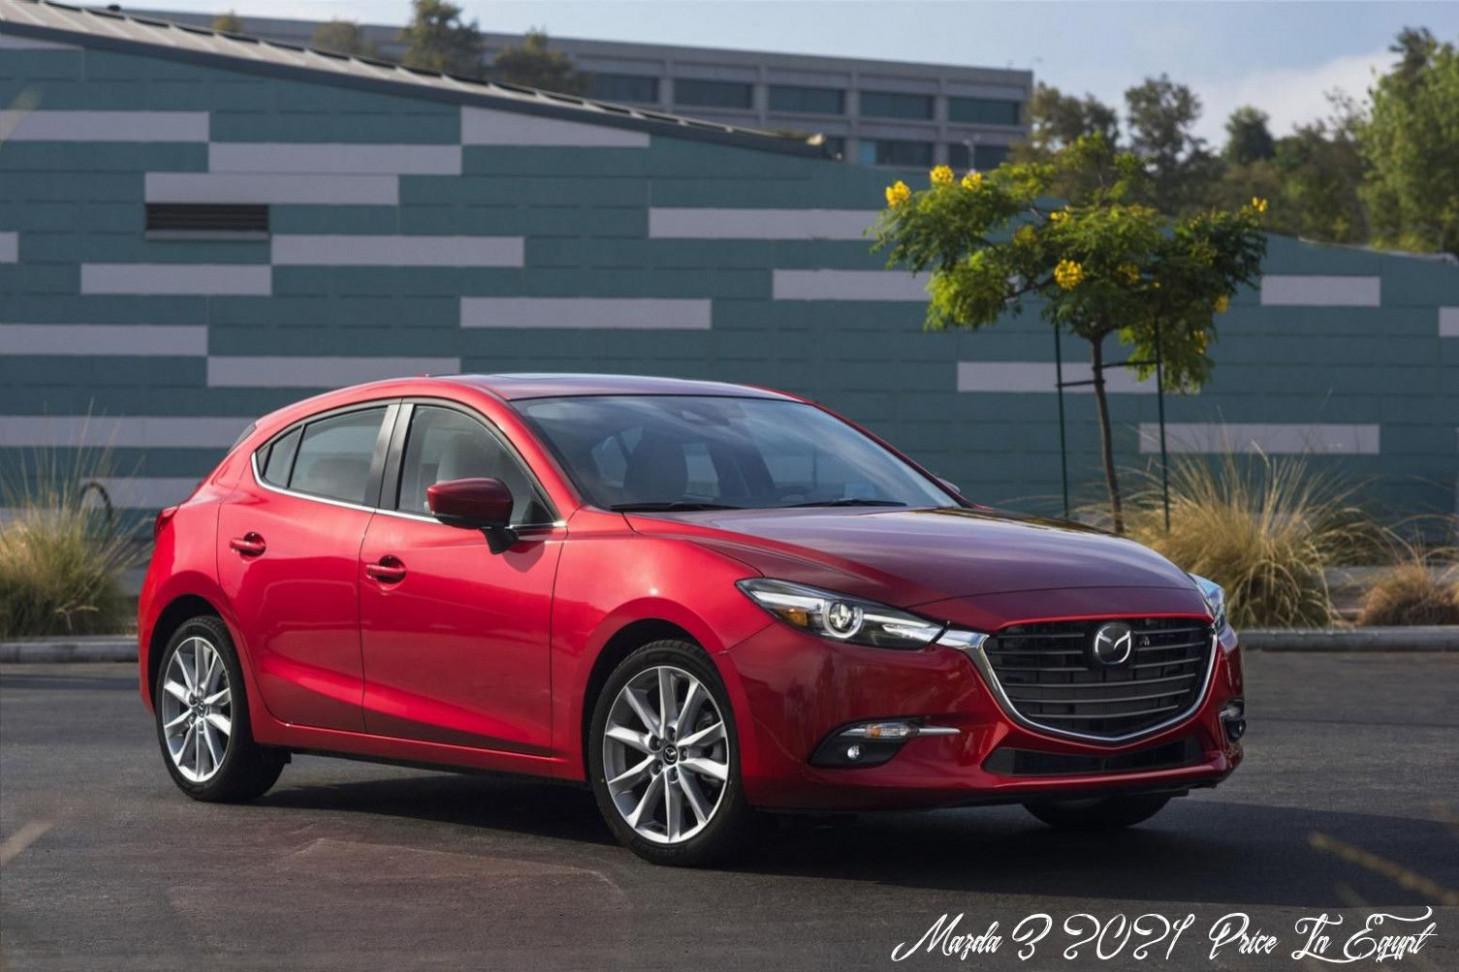 Style Mazda 3 2022 Price In Egypt